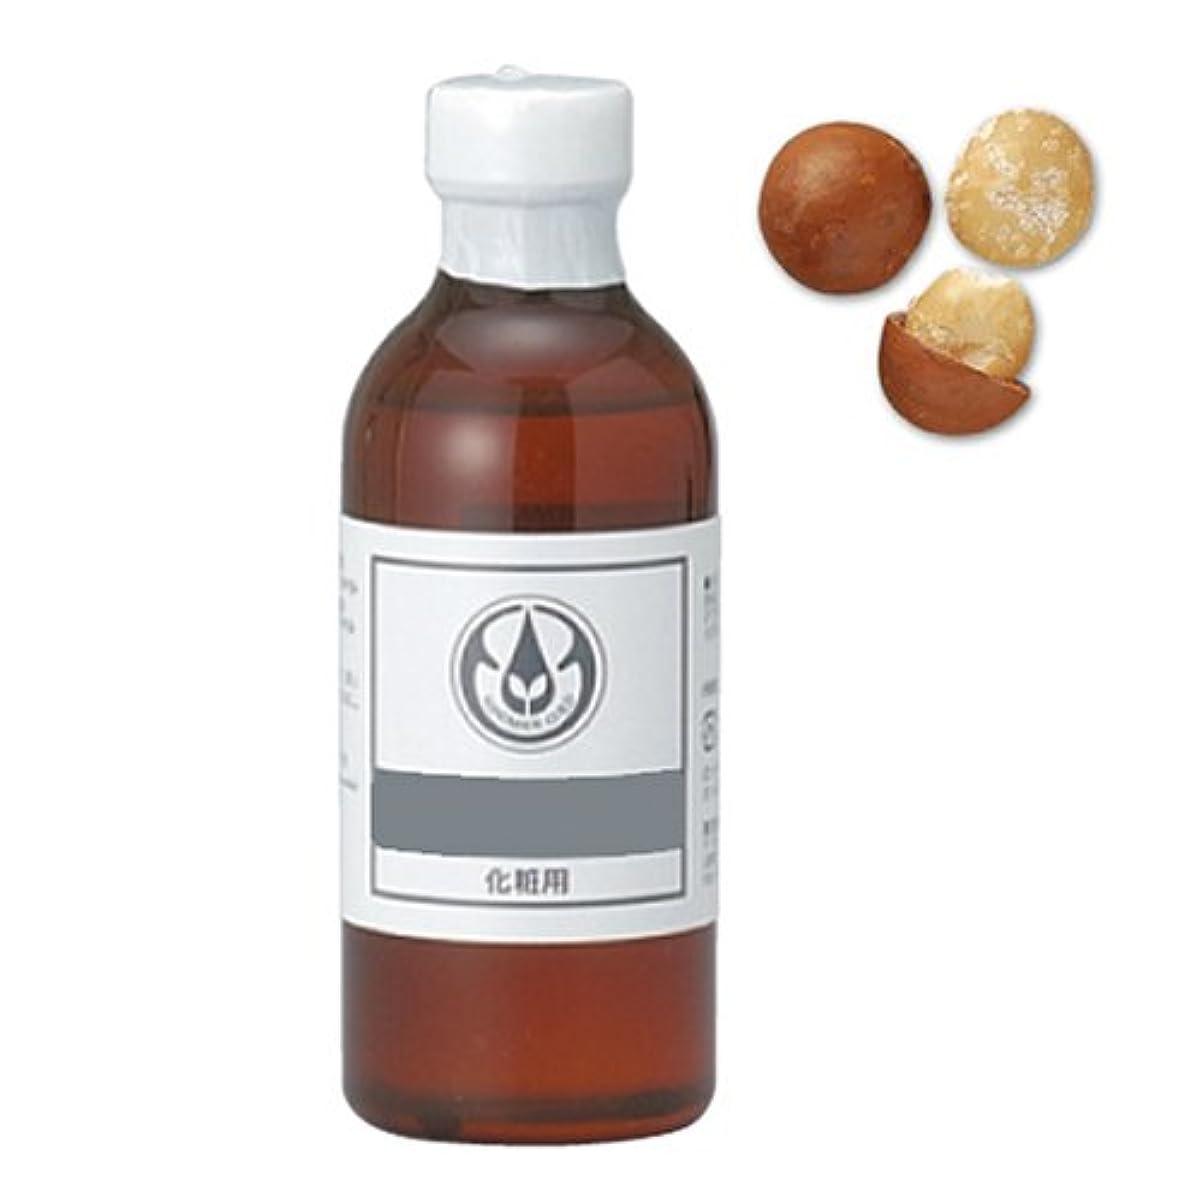 示すおびえた角度生活の木 マカダミア ナッツ油 250ml